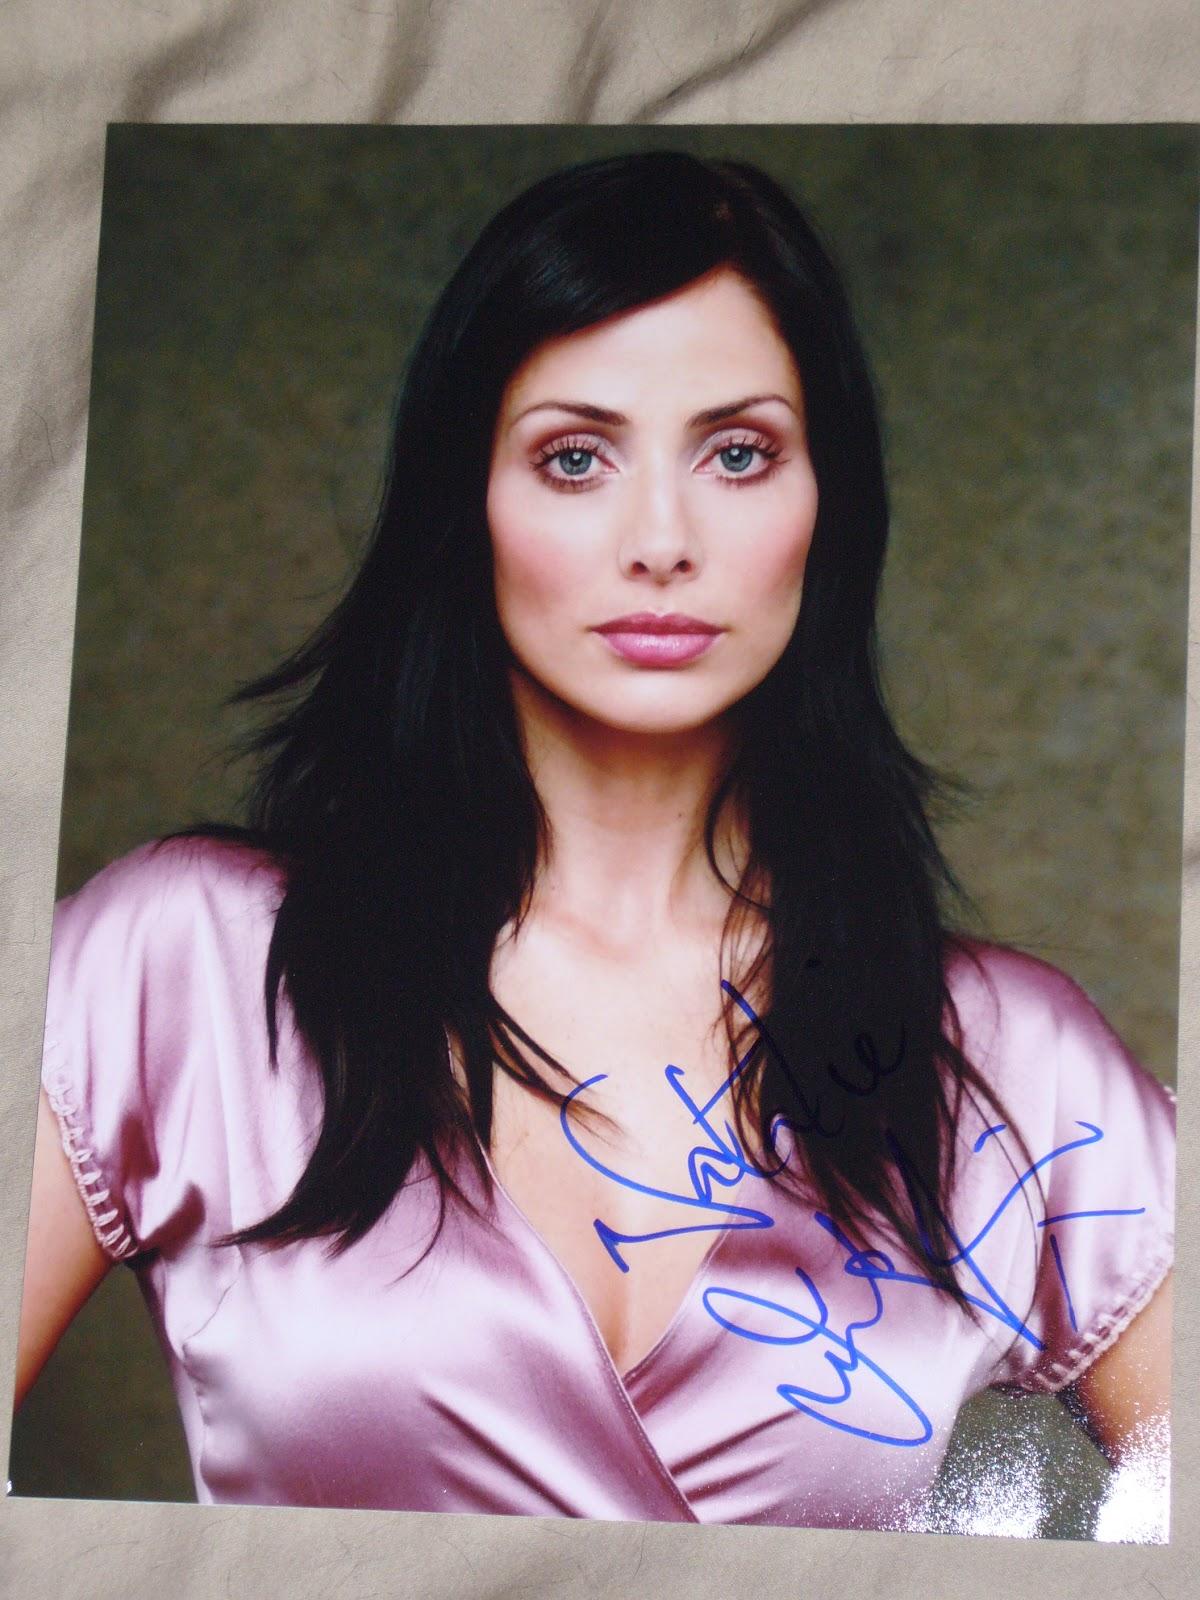 http://1.bp.blogspot.com/-EJg0a03Ws60/T_NCd9KyVEI/AAAAAAAAAZE/xXJ7BAAZCFQ/s1600/Natalie+Imbruglia+signed+8x10.JPG